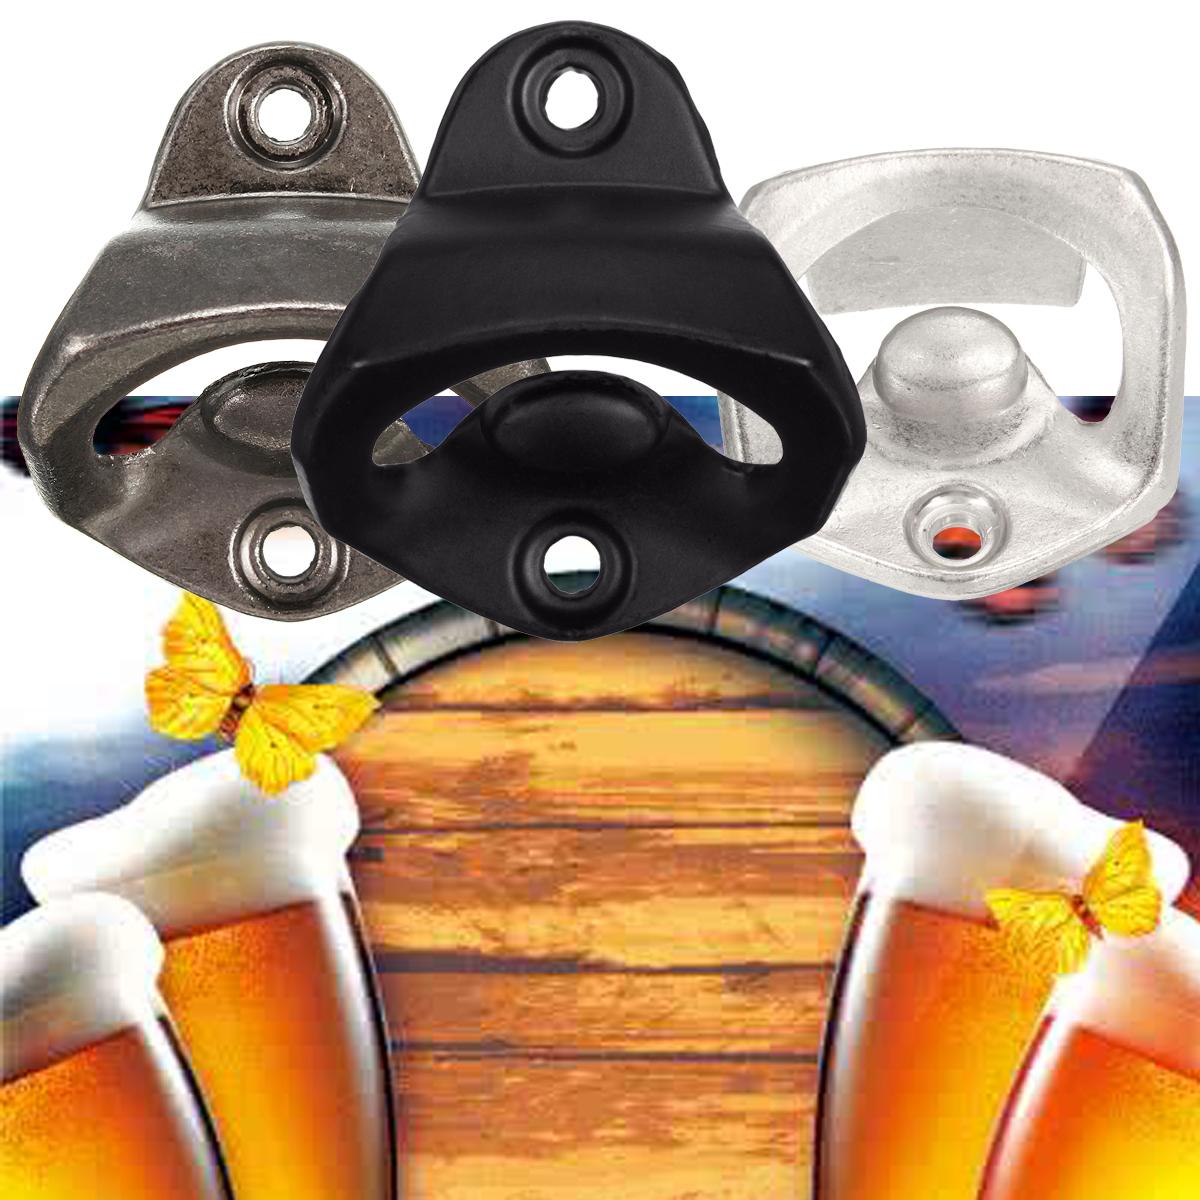 Cerveza-Abrebotellas-Destapador-Montado-De-Pared-Abridor-Botella-Bar-KTV-Cocina